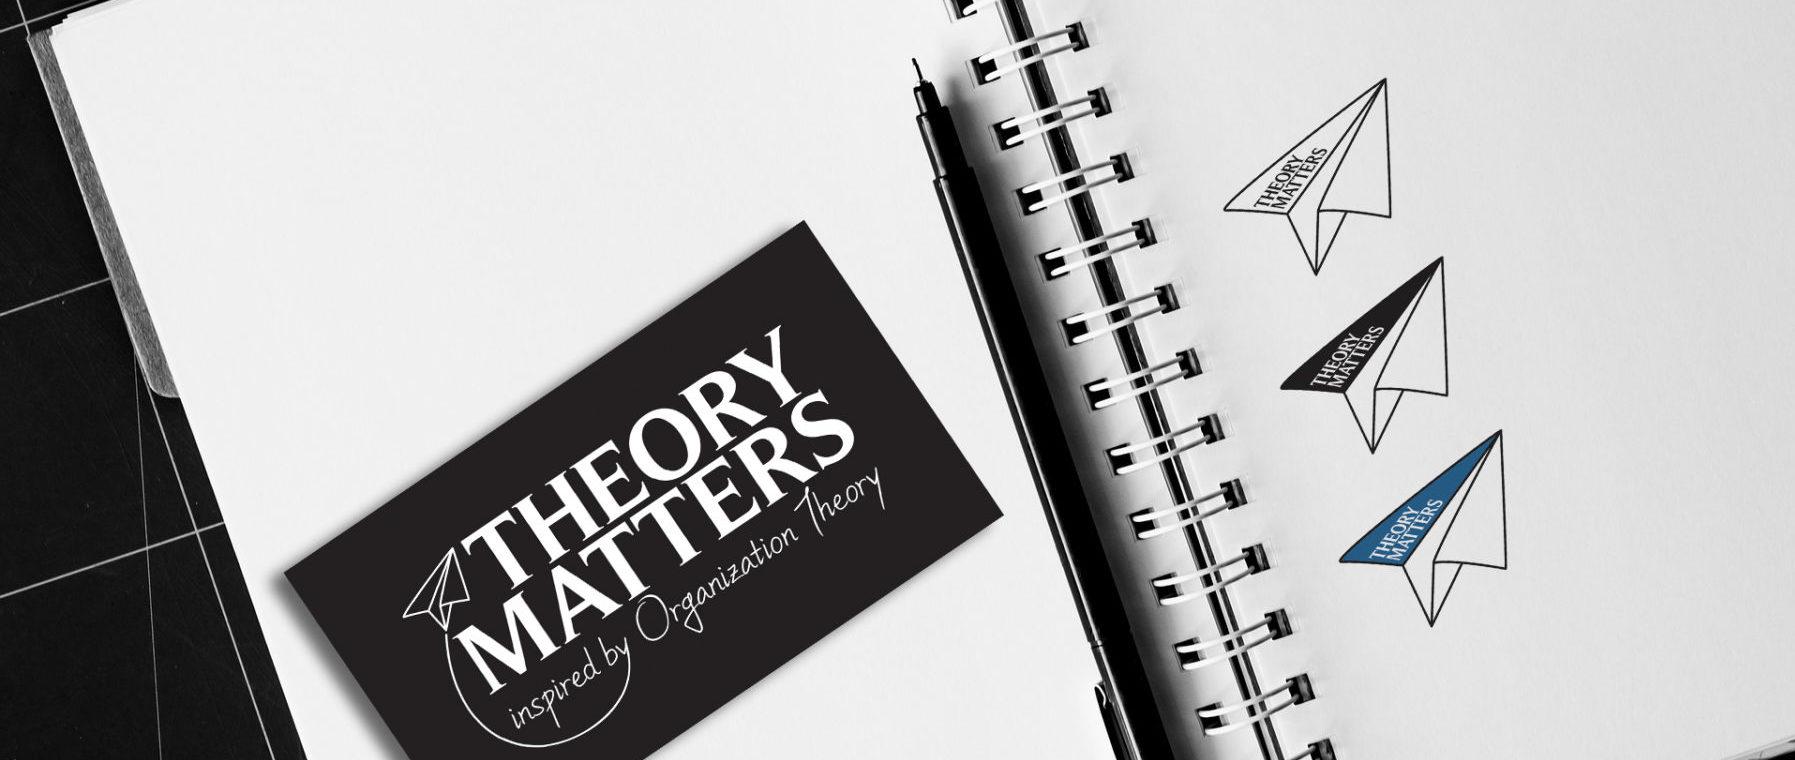 theory-matters-logo